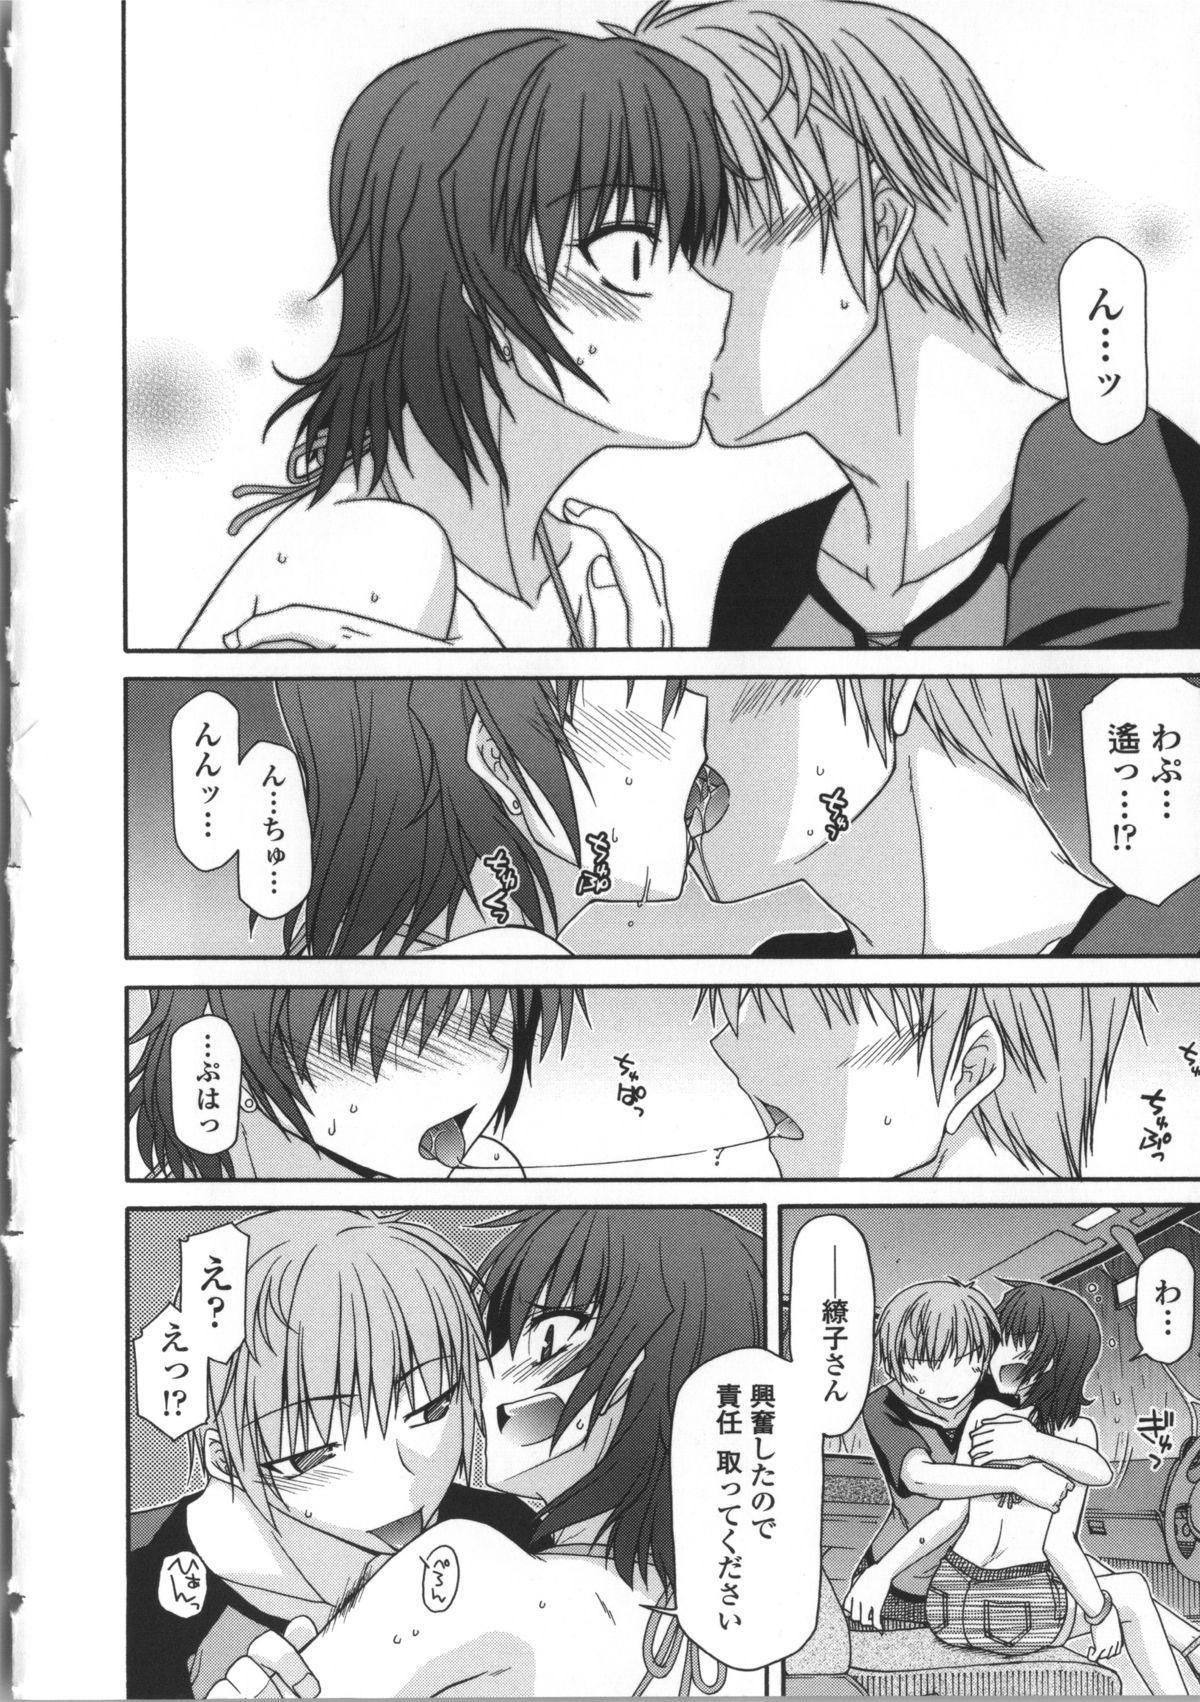 Yamato Nadeshiko Breast Changes 19